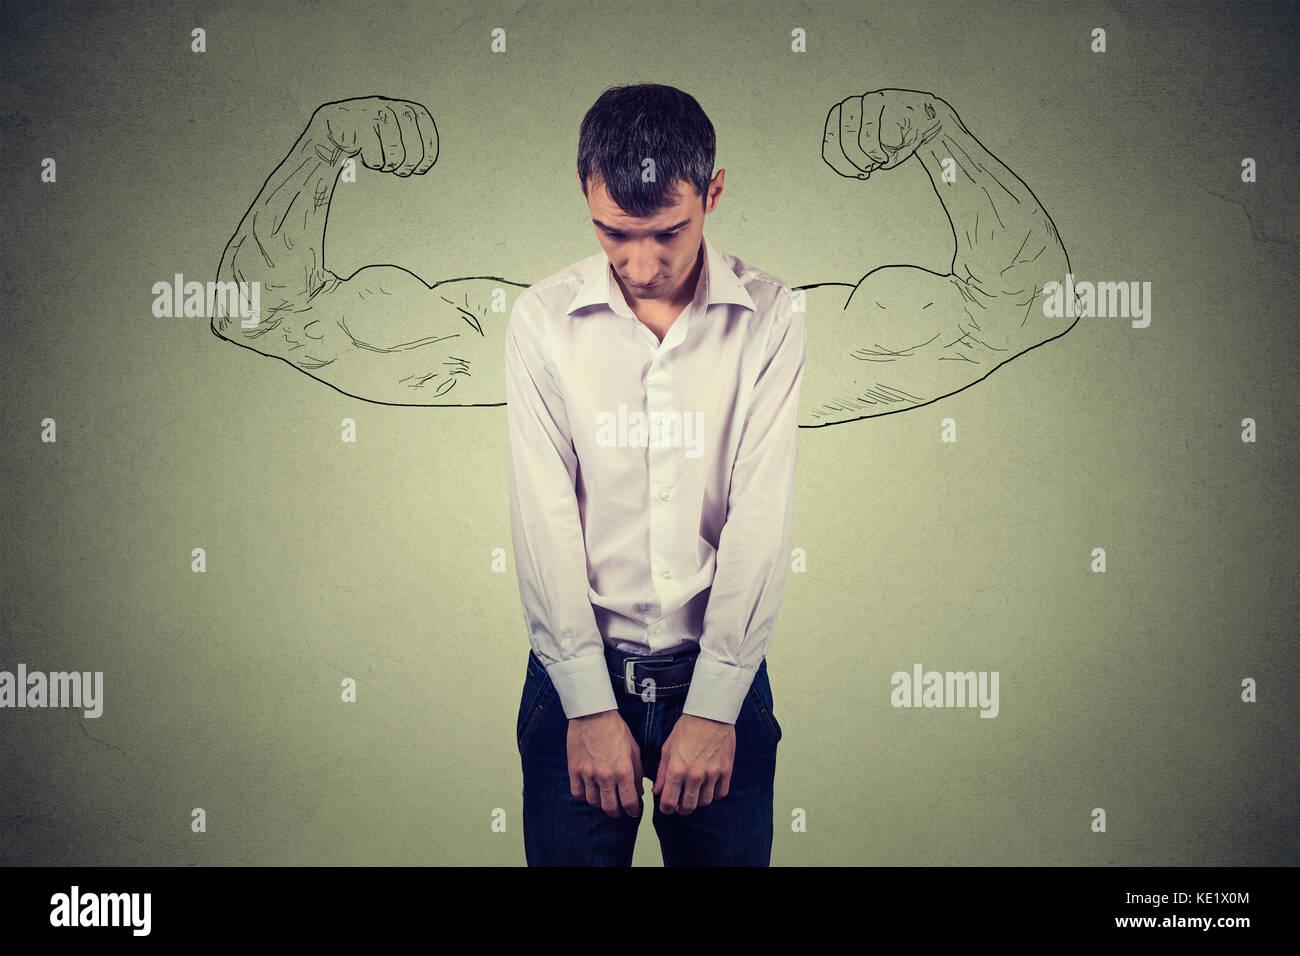 Leistungsstarke Kerl Realität vs Ehrgeiz Wunschdenken Konzept. menschliches Gesicht Ausdrücke, Emotionen. Stockbild